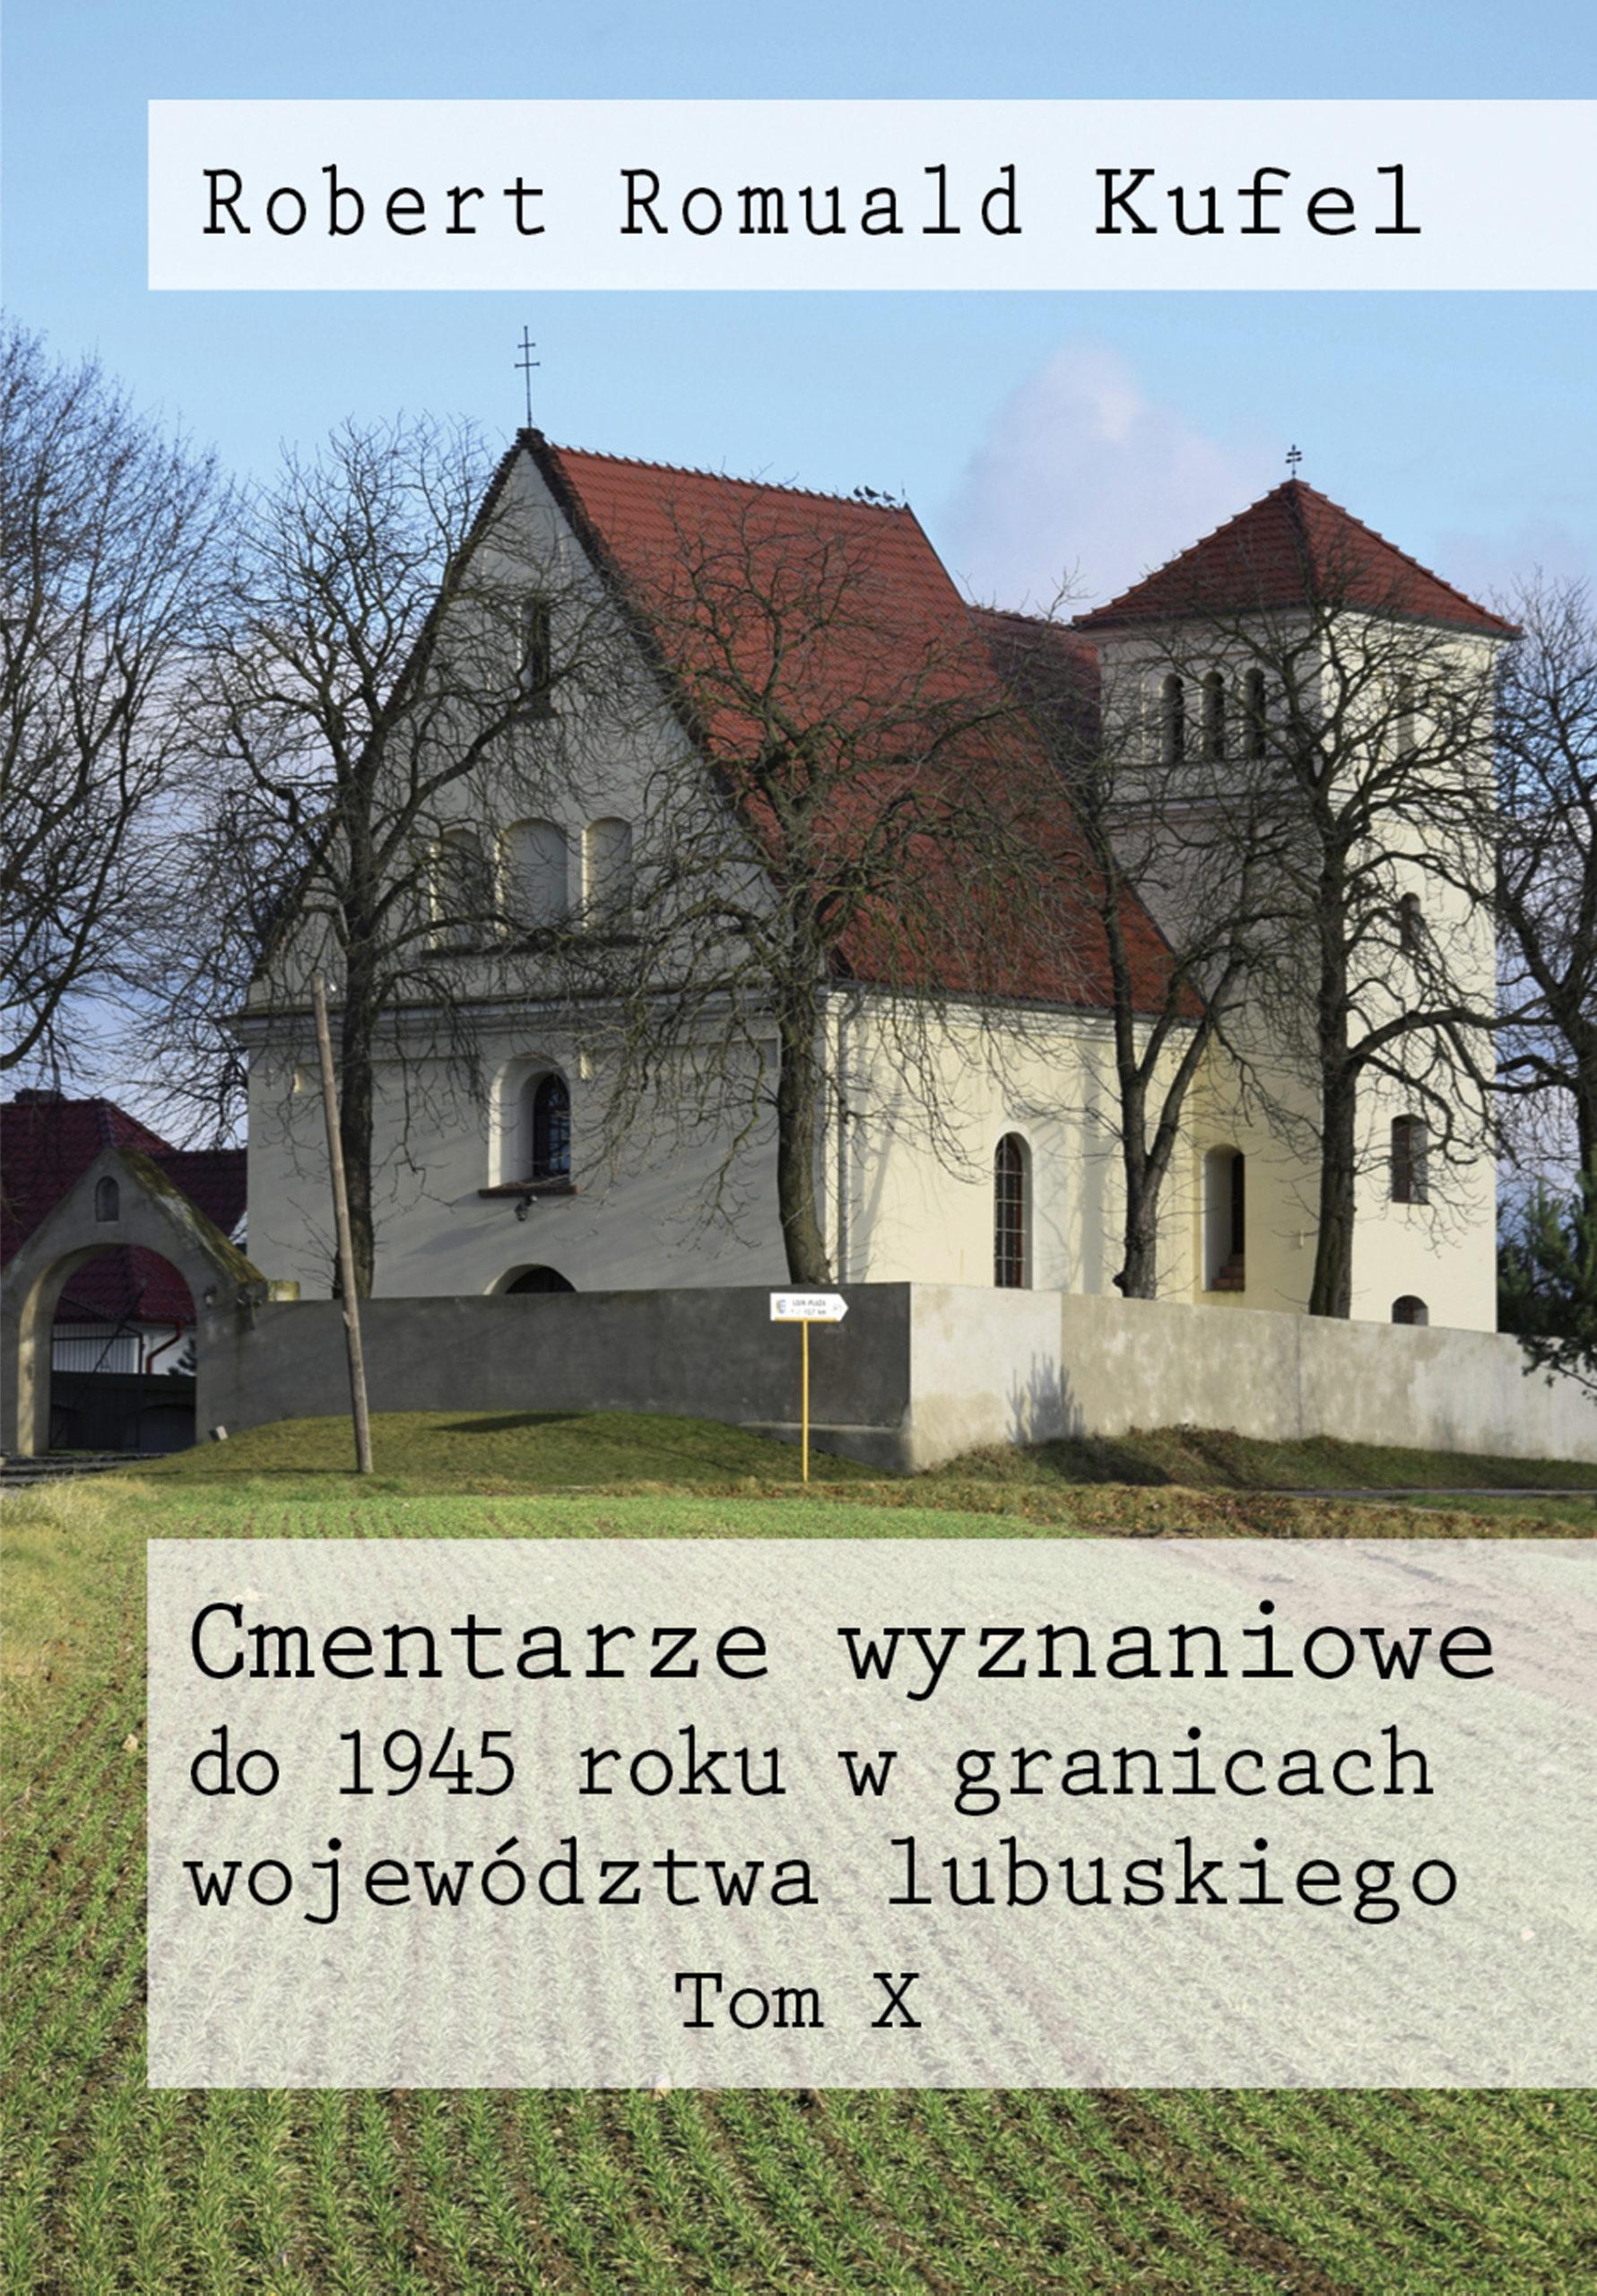 """Robert Romuald Kufel """"Cmentarze wyznaniowe do 1945 roku w granicach województwa lubuskiego"""" Tom X"""